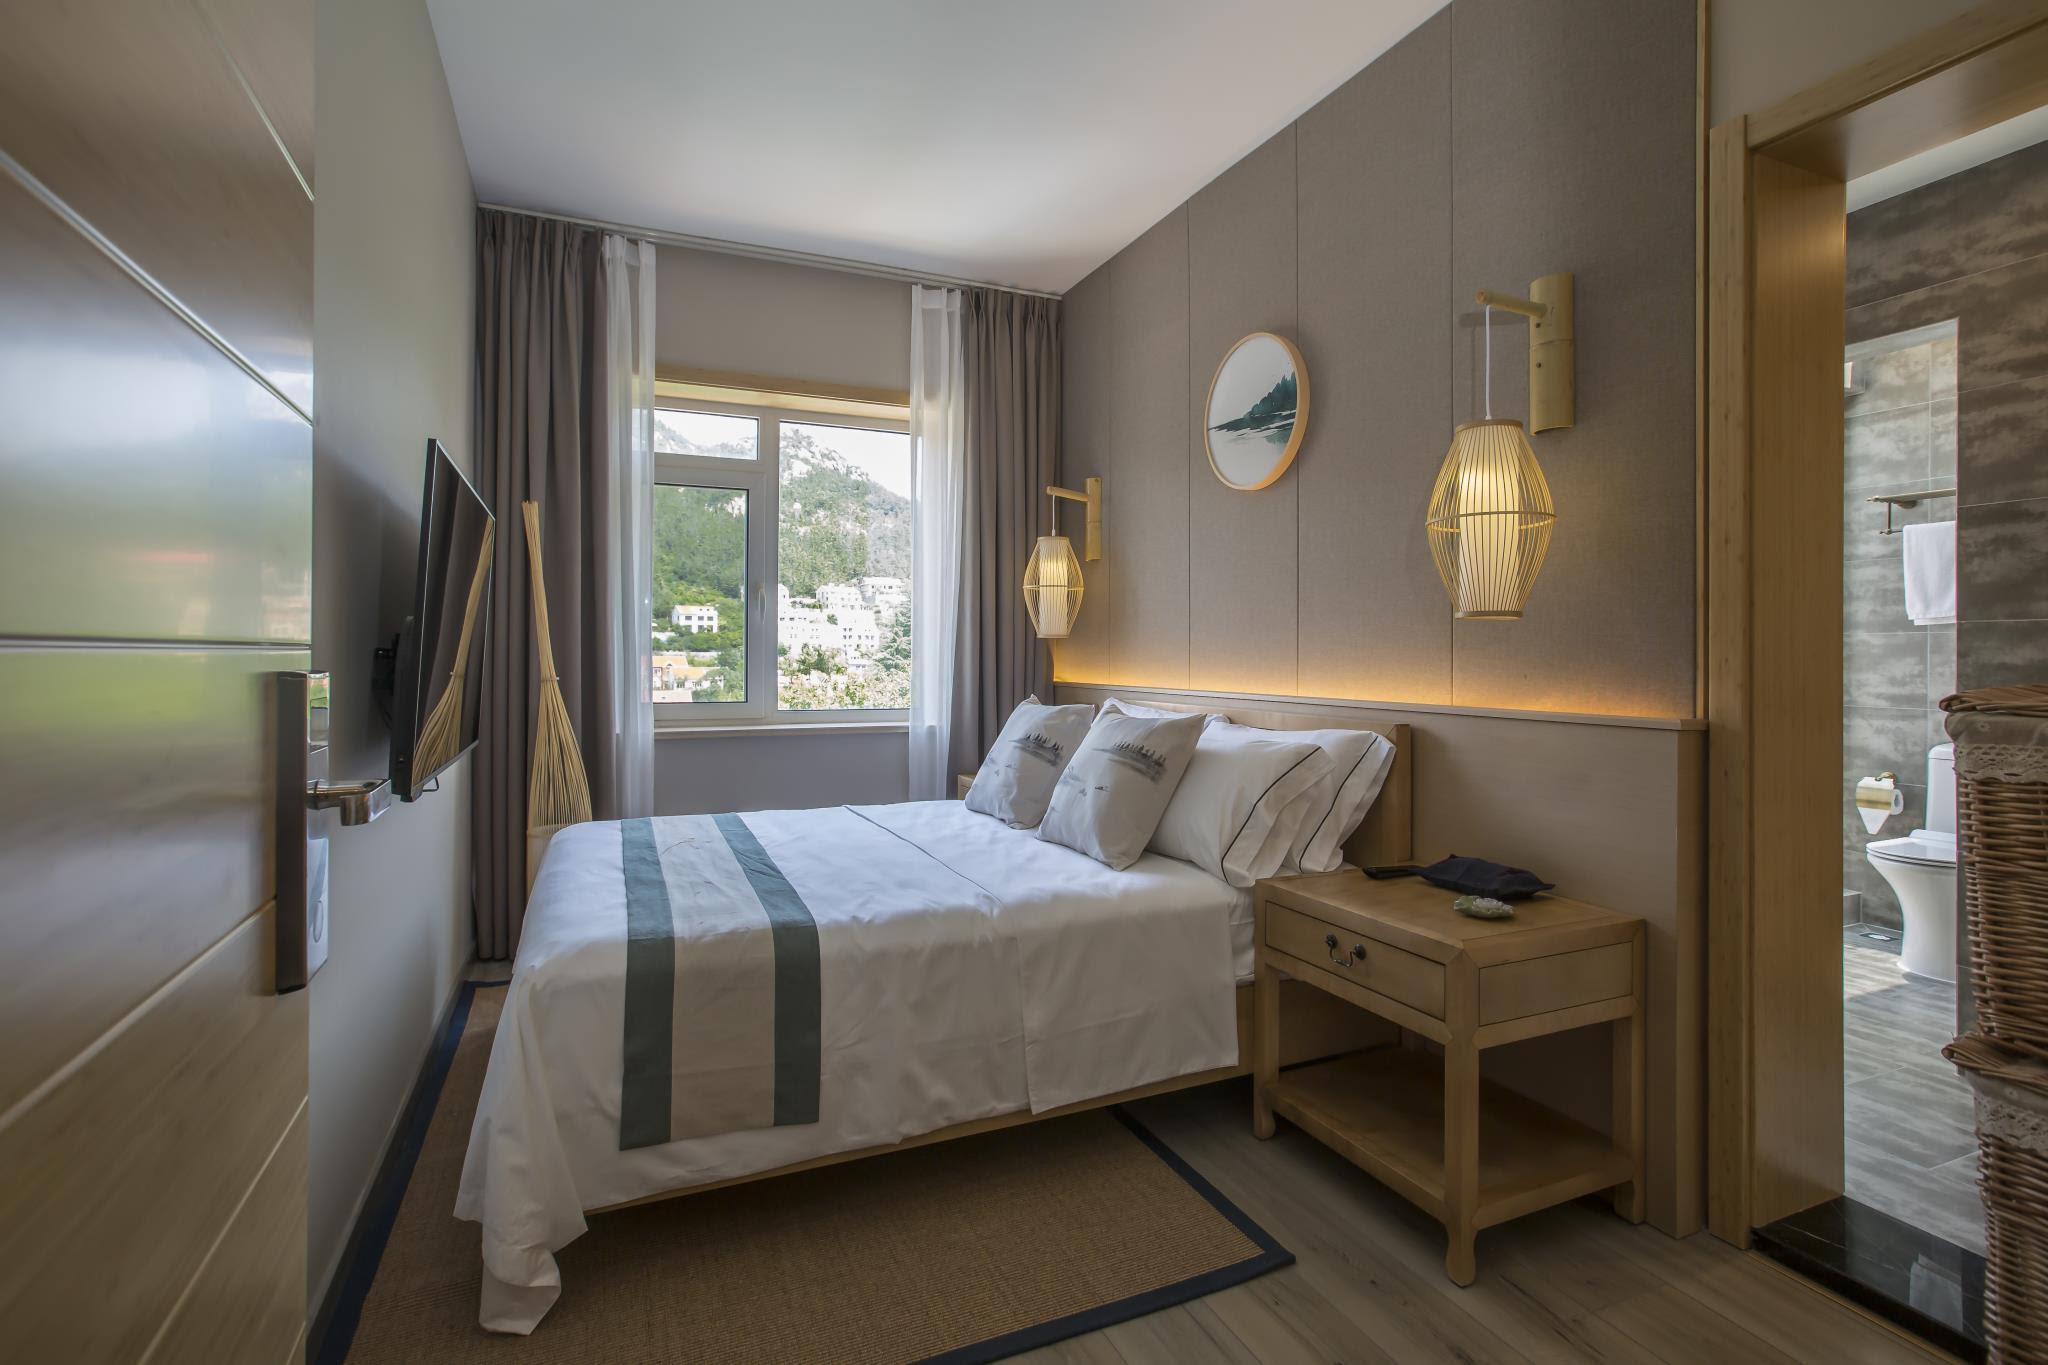 hotel near Qingdao Full Mountain View King Room-108 Zen